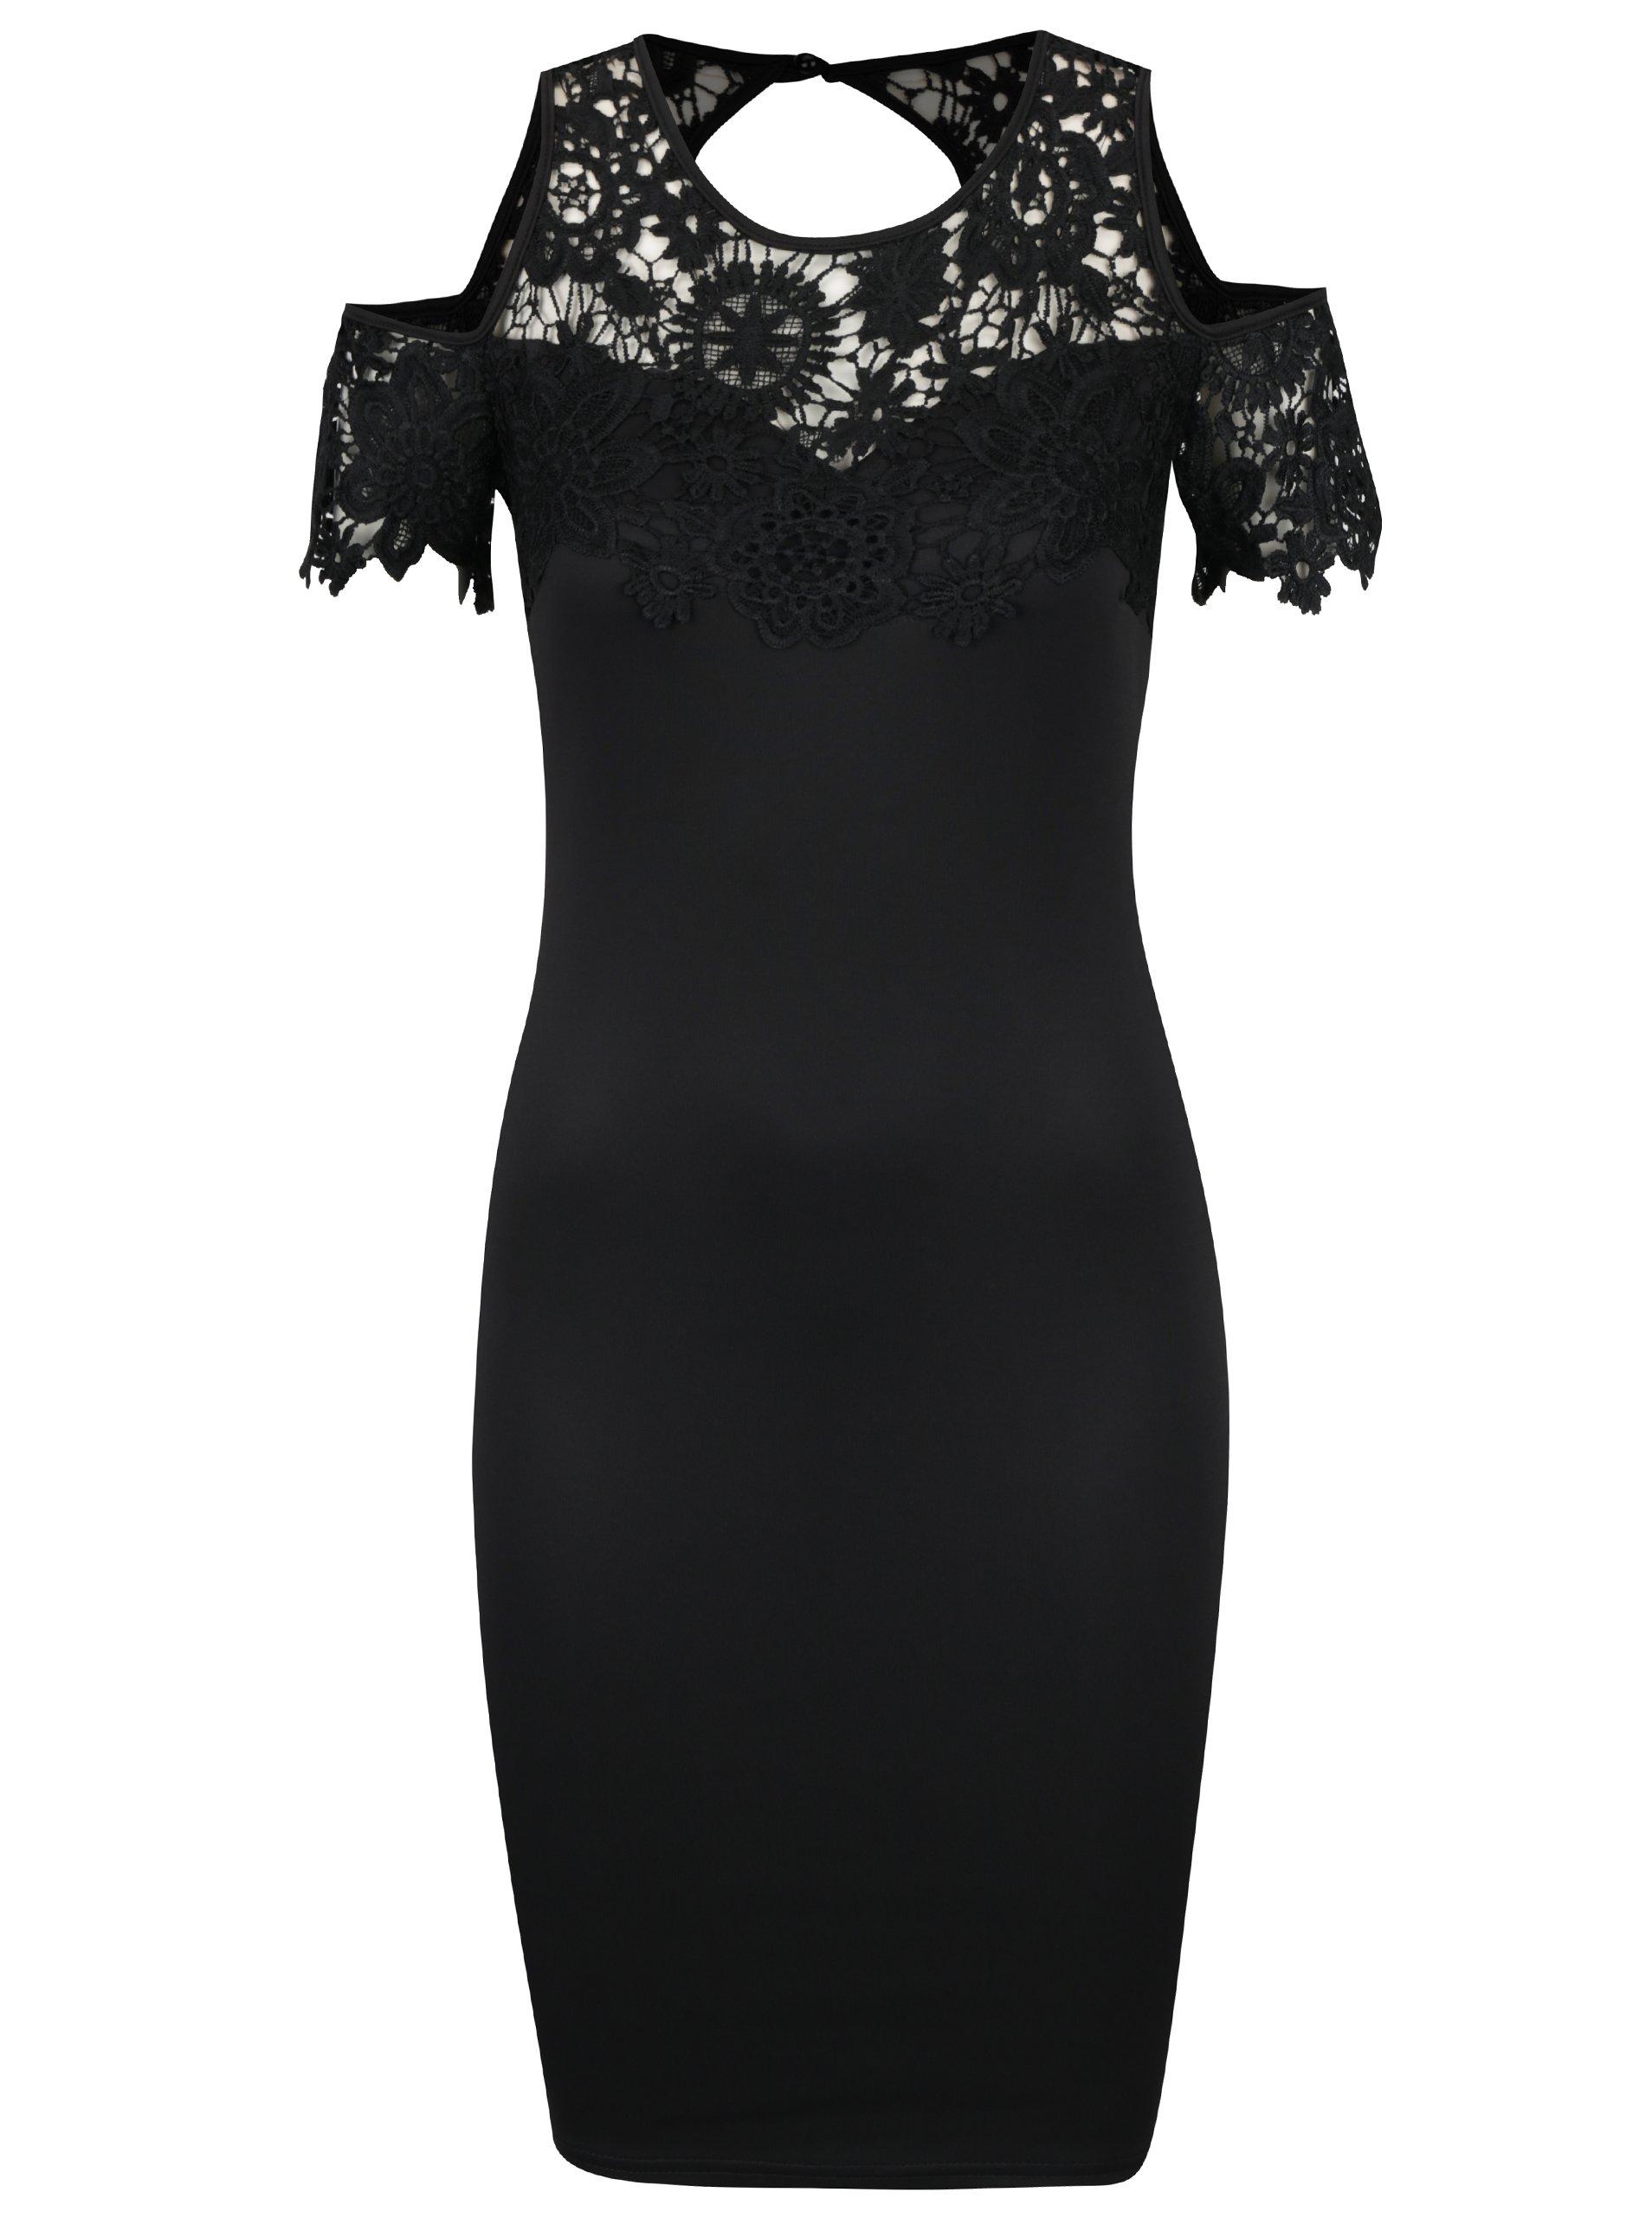 Čierne puzdrové šaty s prestrihmi na ramenách AX Paris  c297f23fc0a